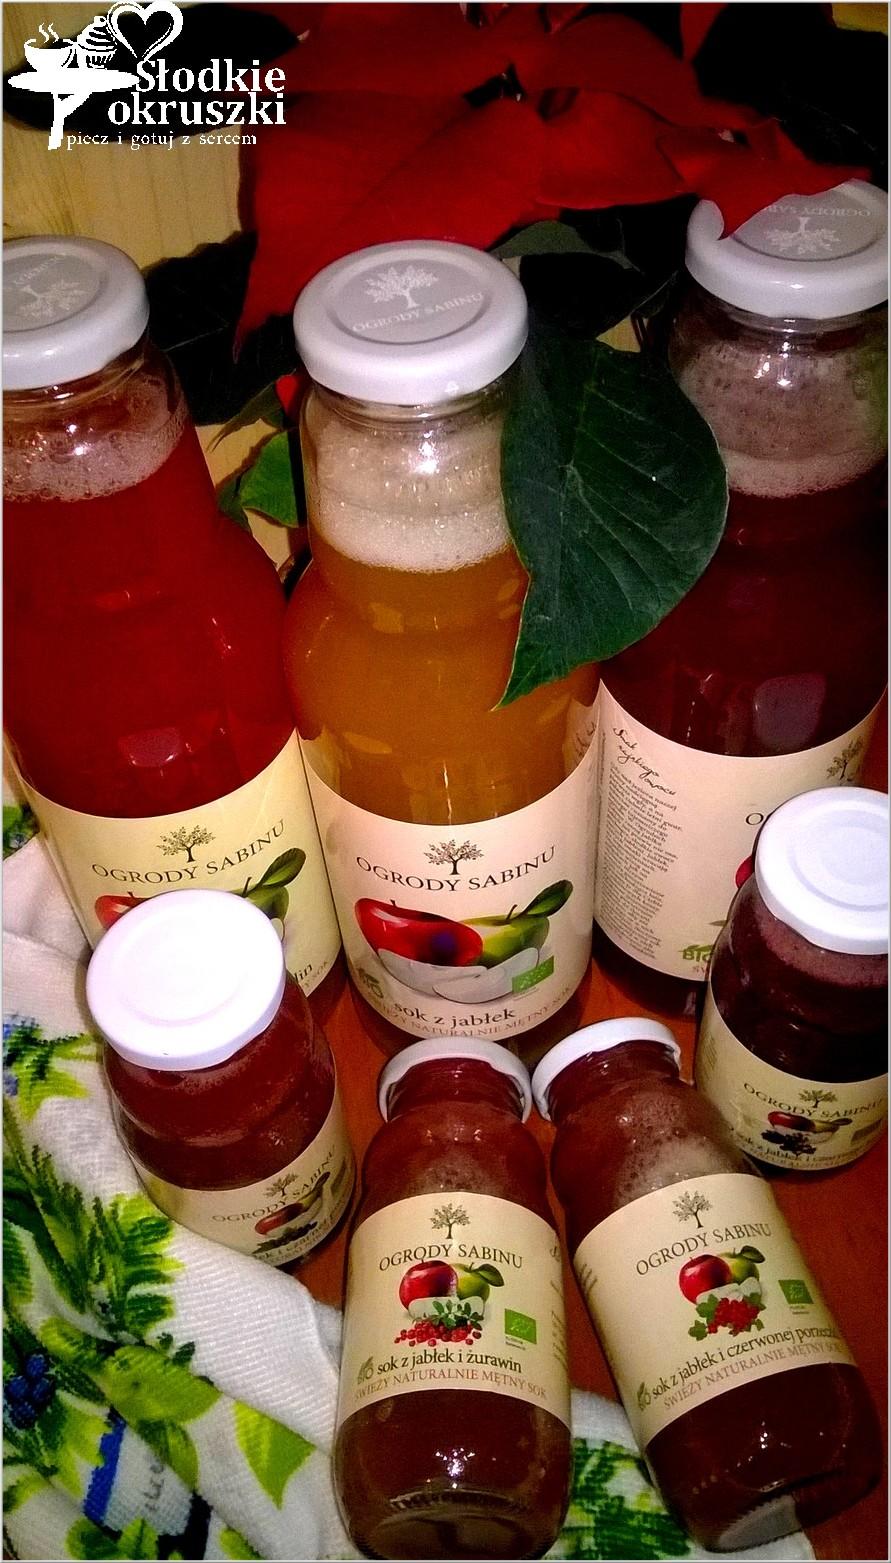 Natura, smak i zdrowie. Ogrody Sabinu - soki, które warto polecić!